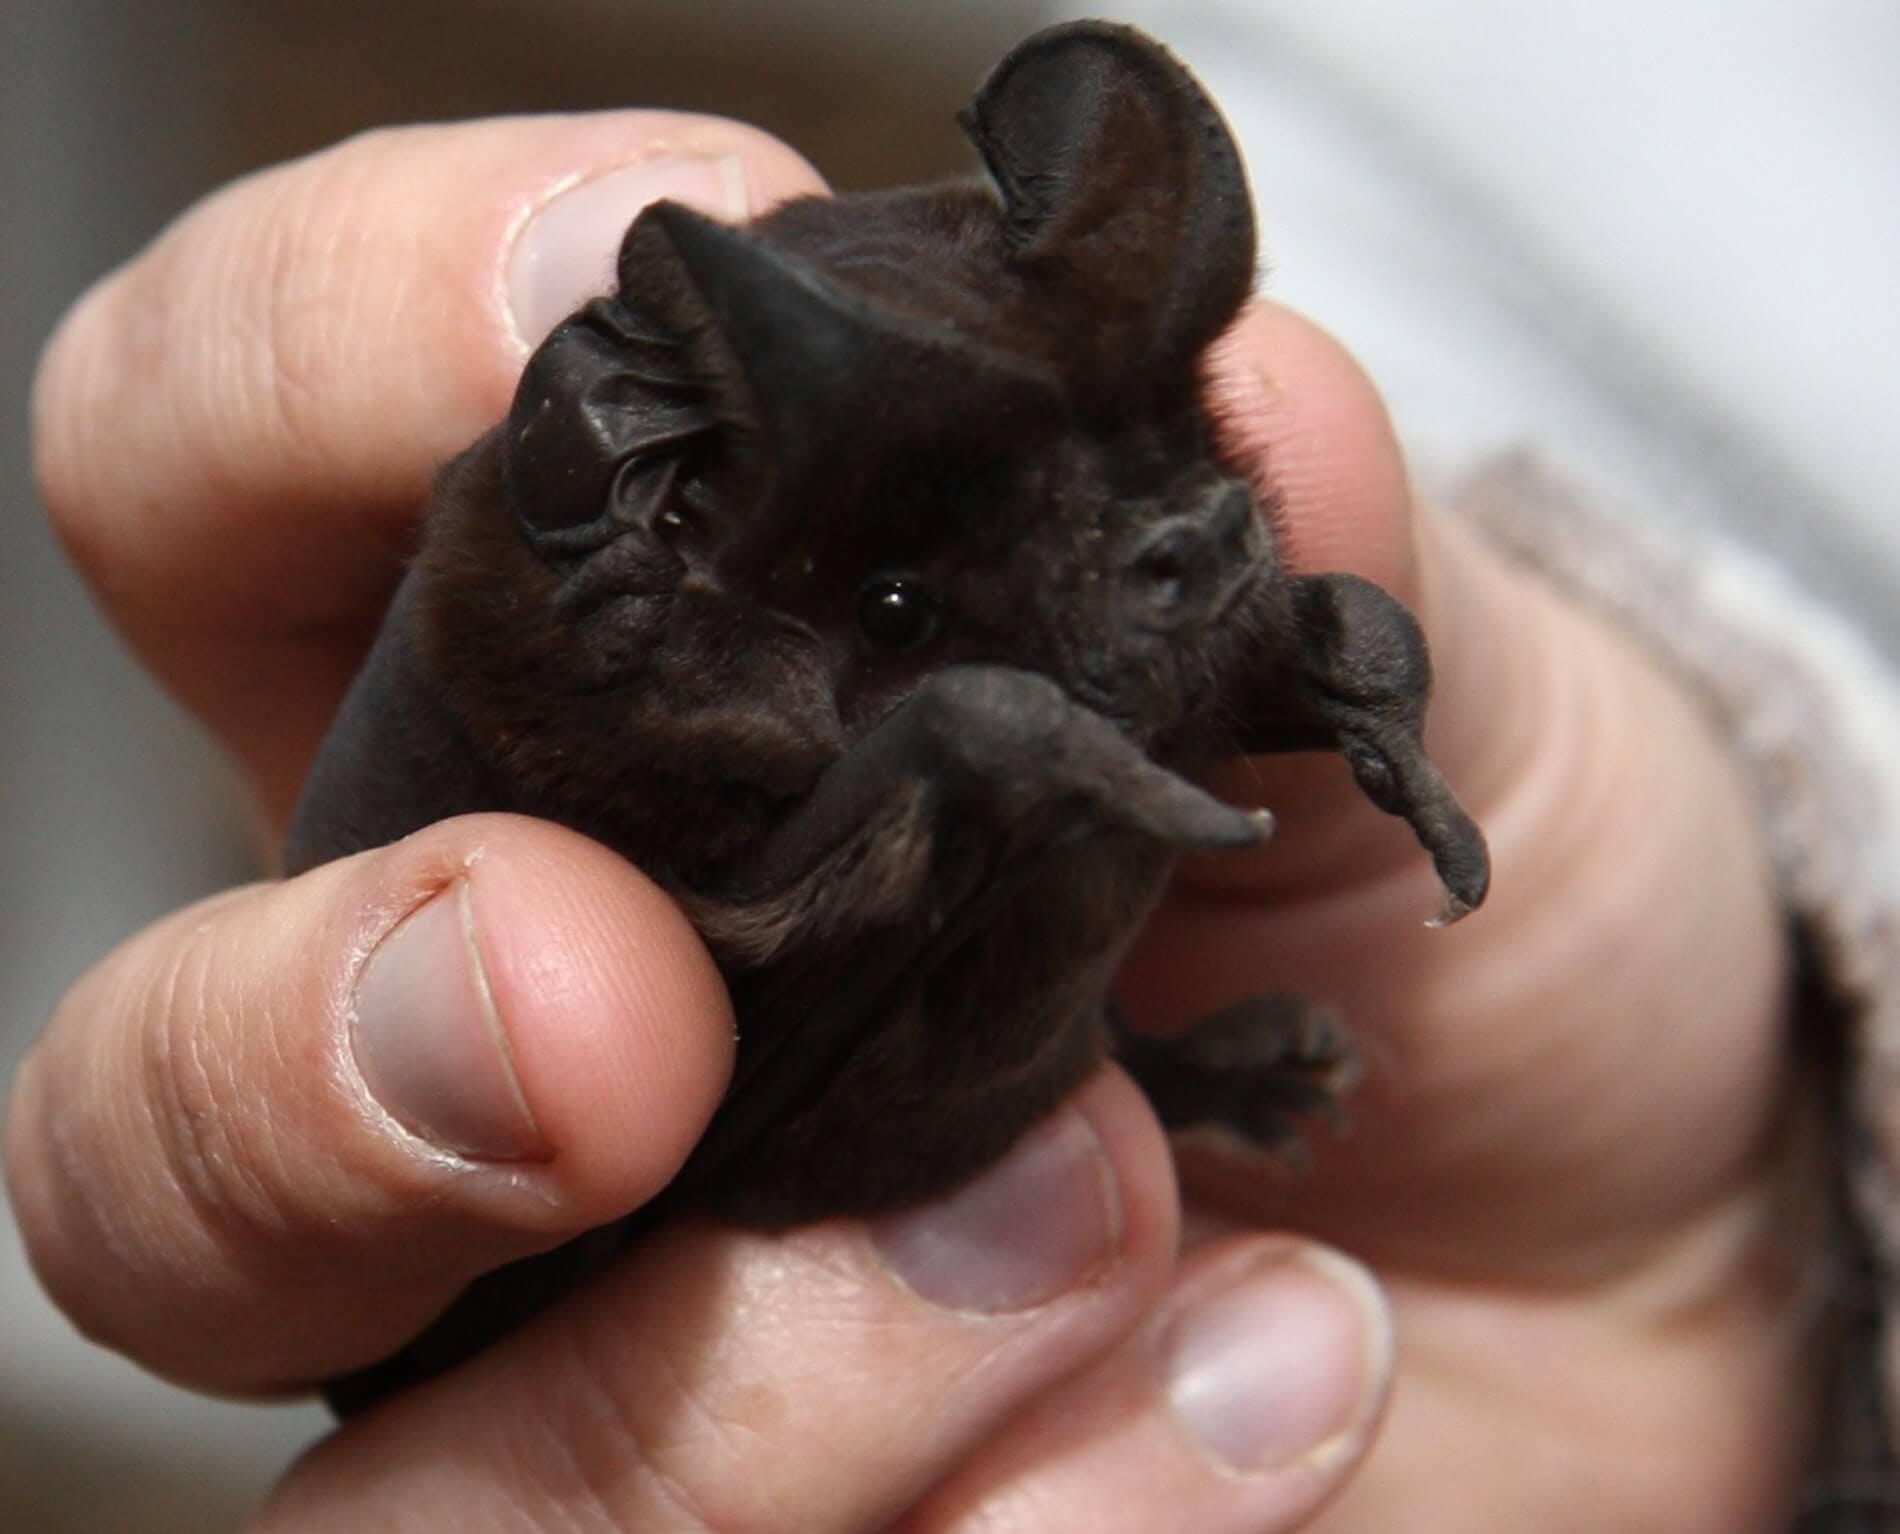 White Striped Mastif Bat